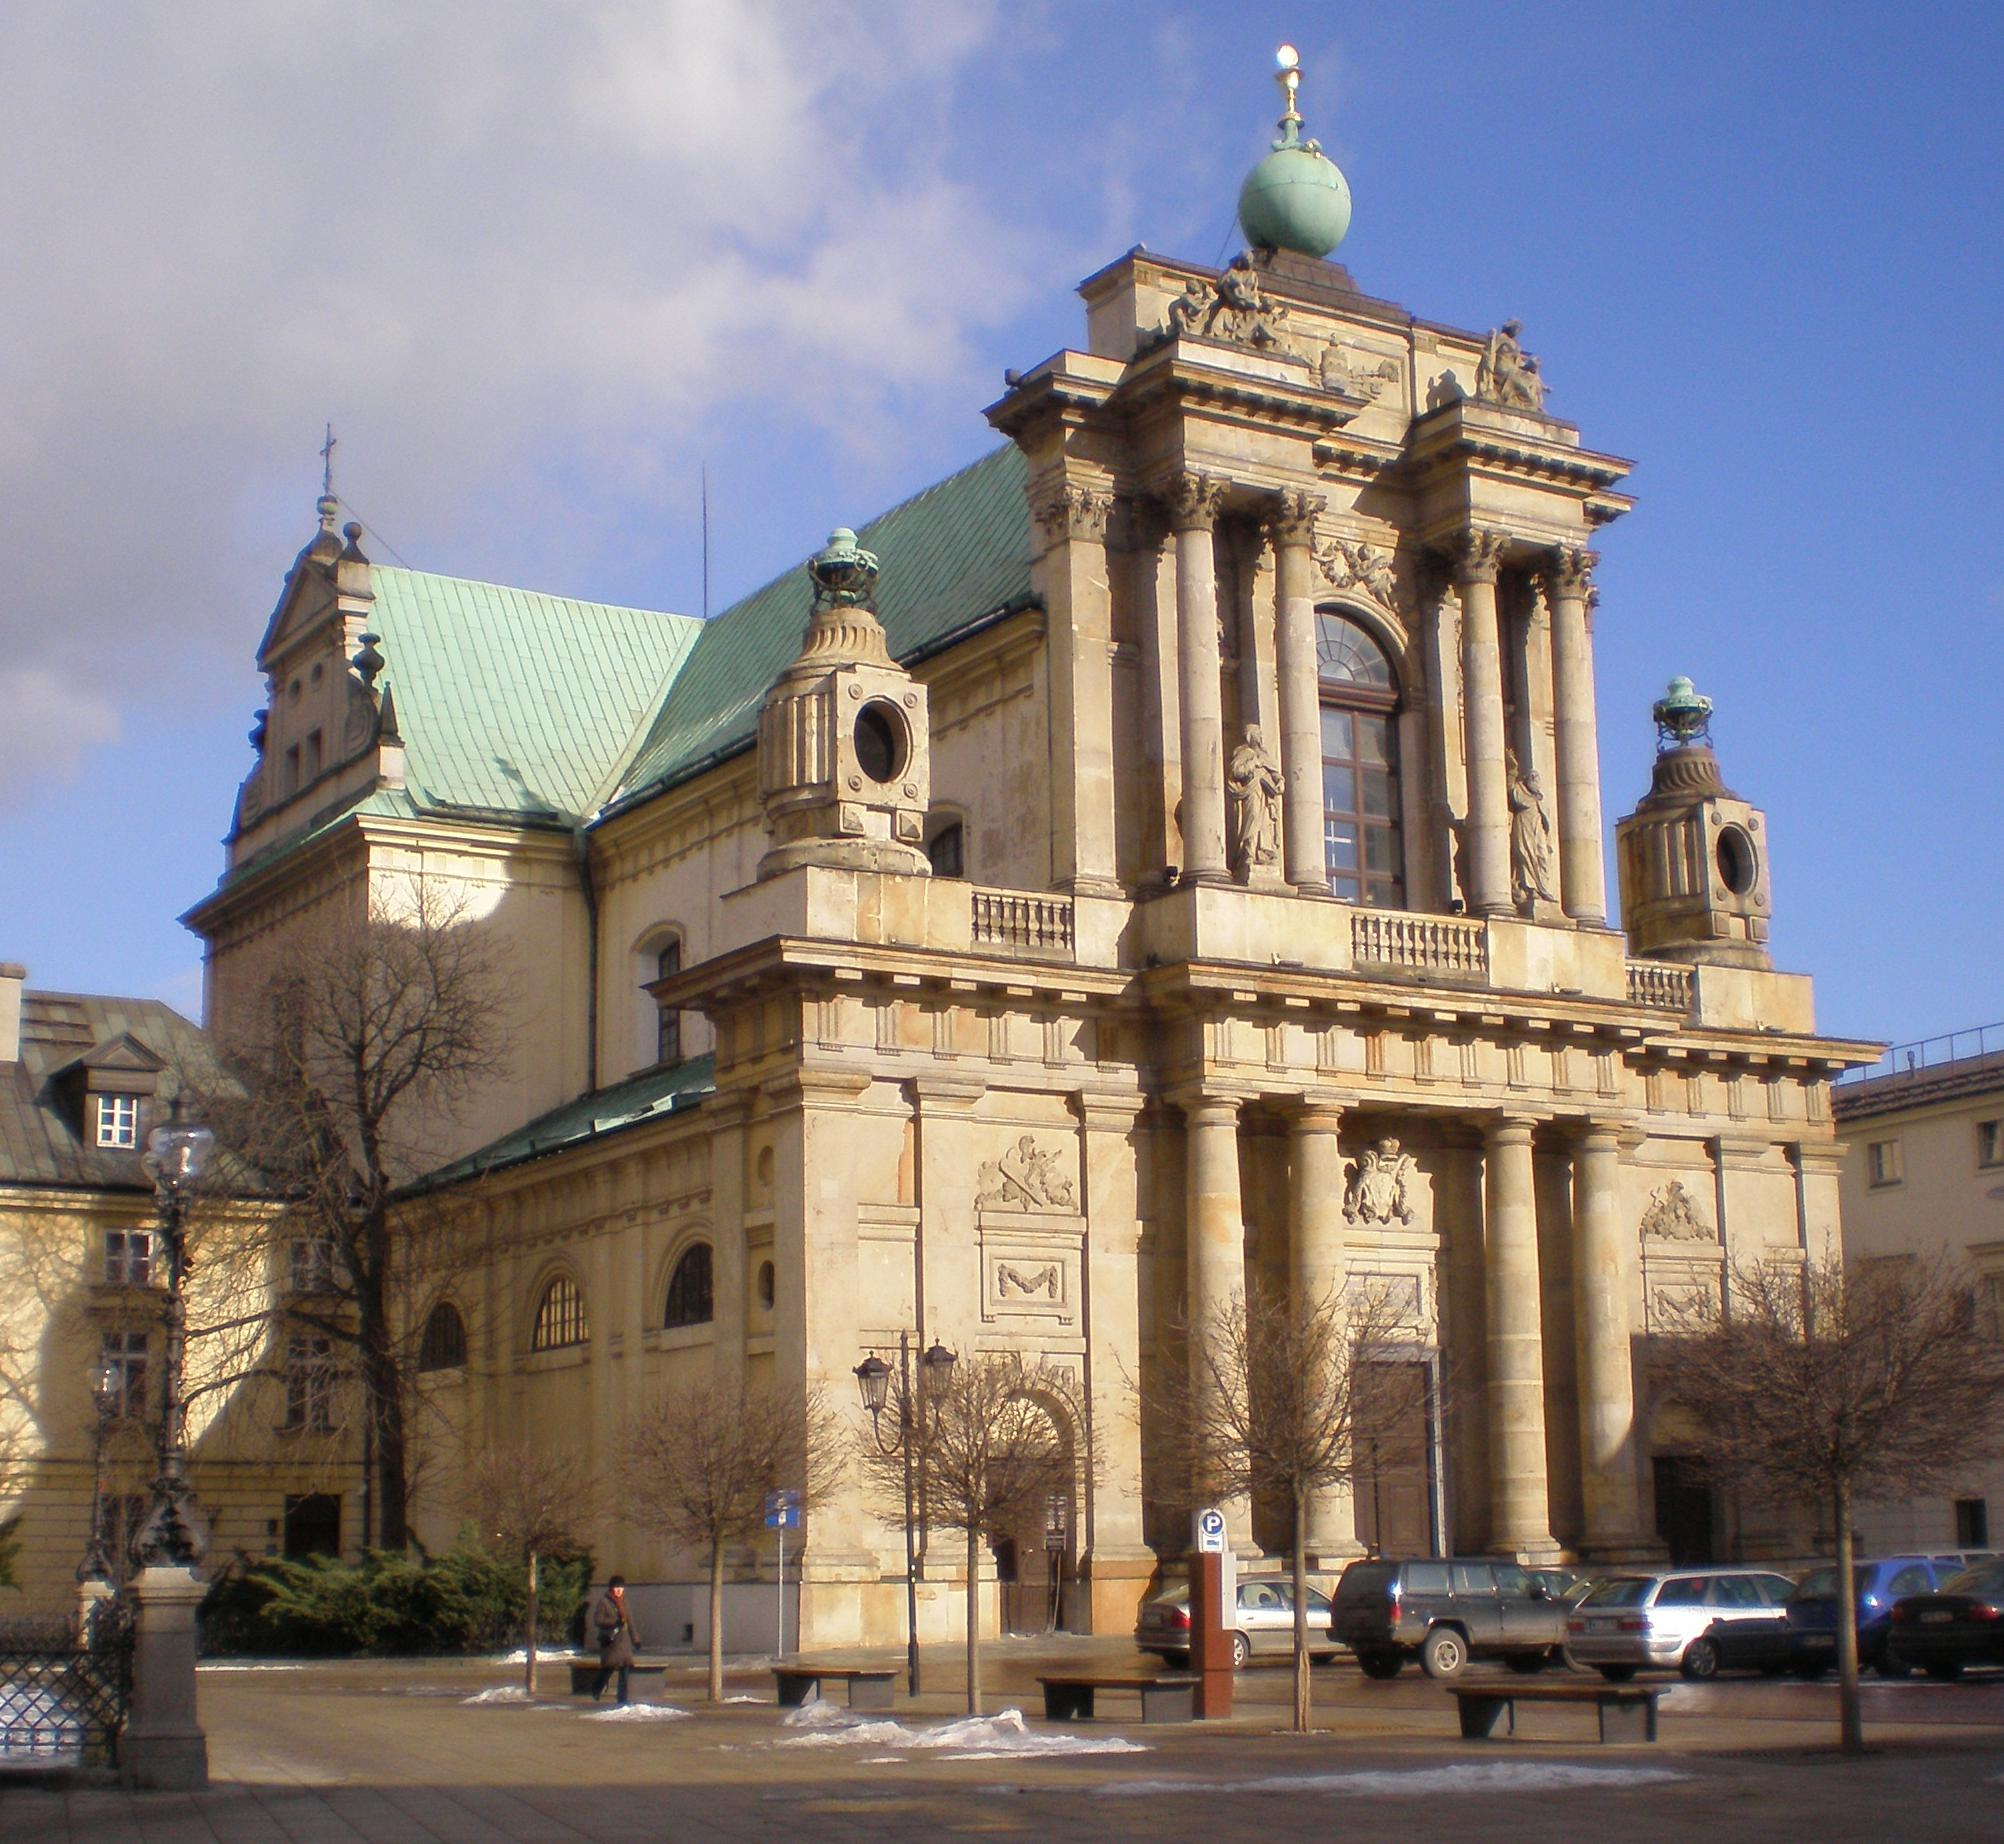 Kościół Wniebowzięcia Najświętszej Maryi Panny i św. Józefa Oblubieńca